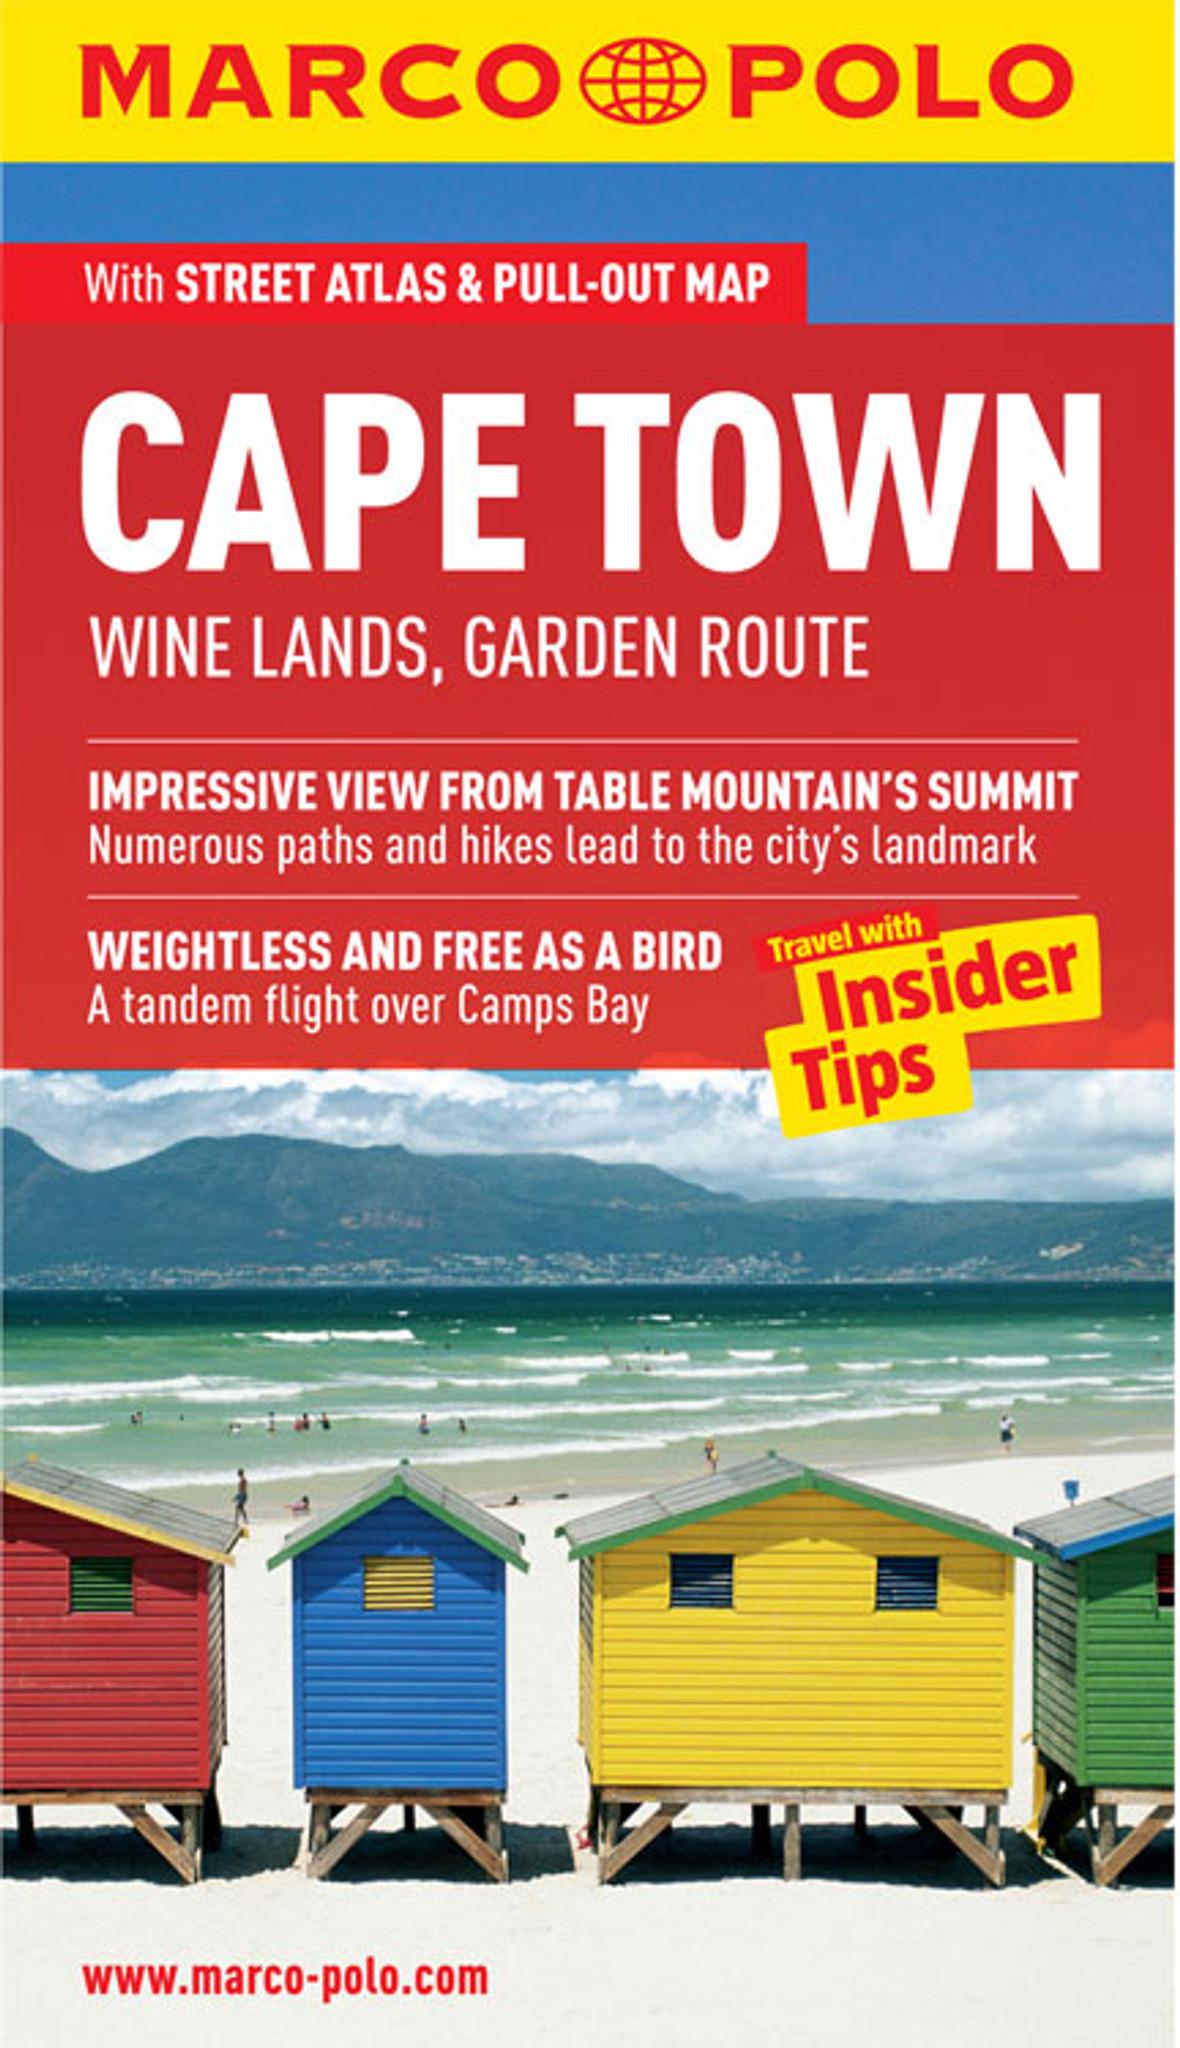 Classroom Decor Cape Town ~ Marco polo cape town garden route guide